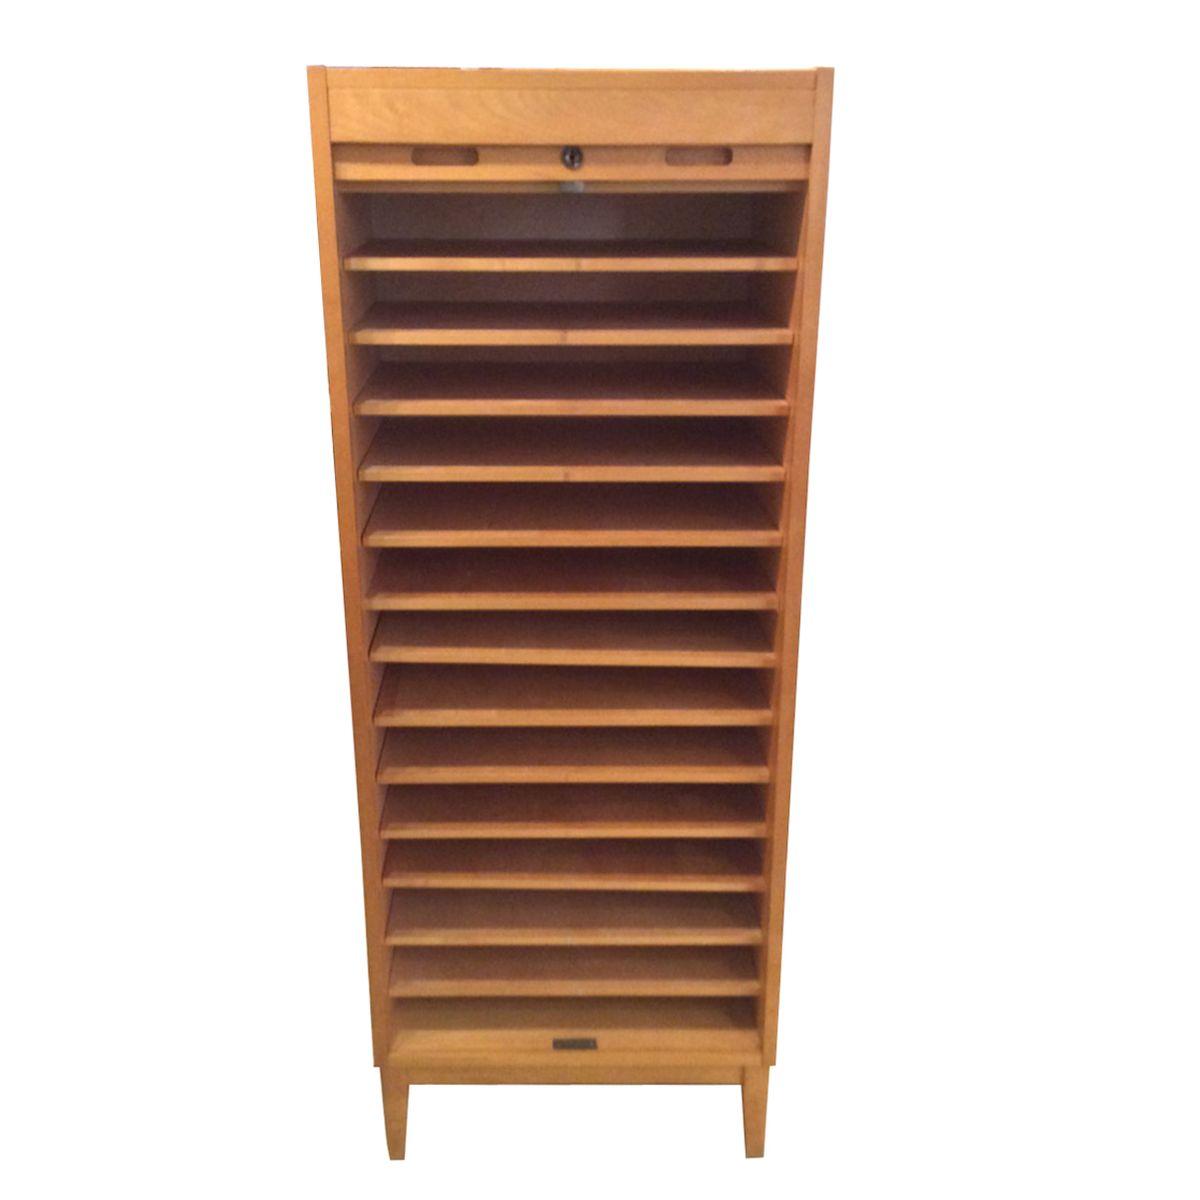 Mid Century Oak Tambour Cabinet From Edsby Verken, 1960s